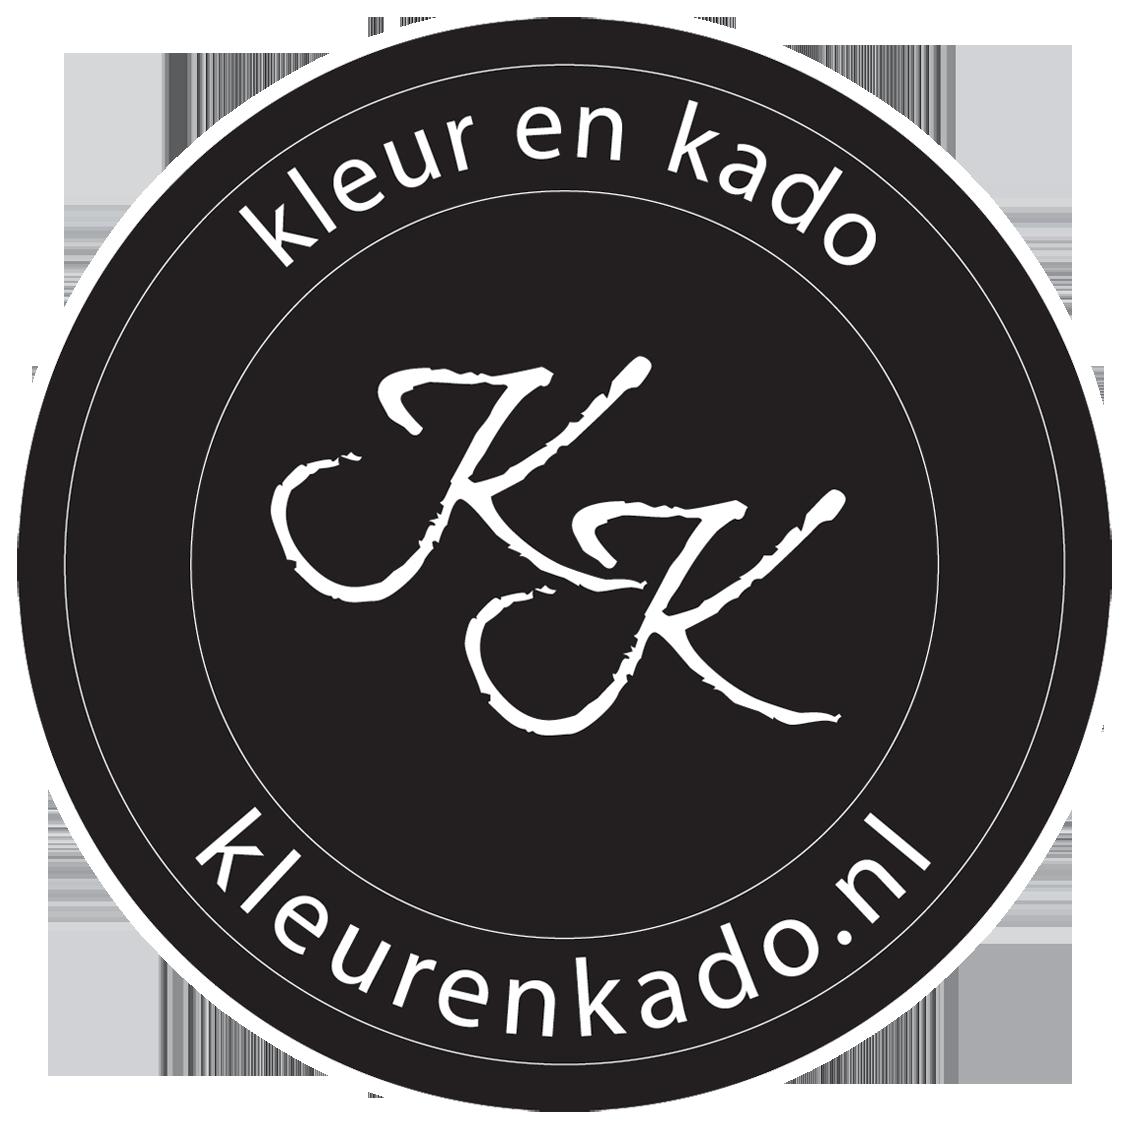 Kleur en Kado